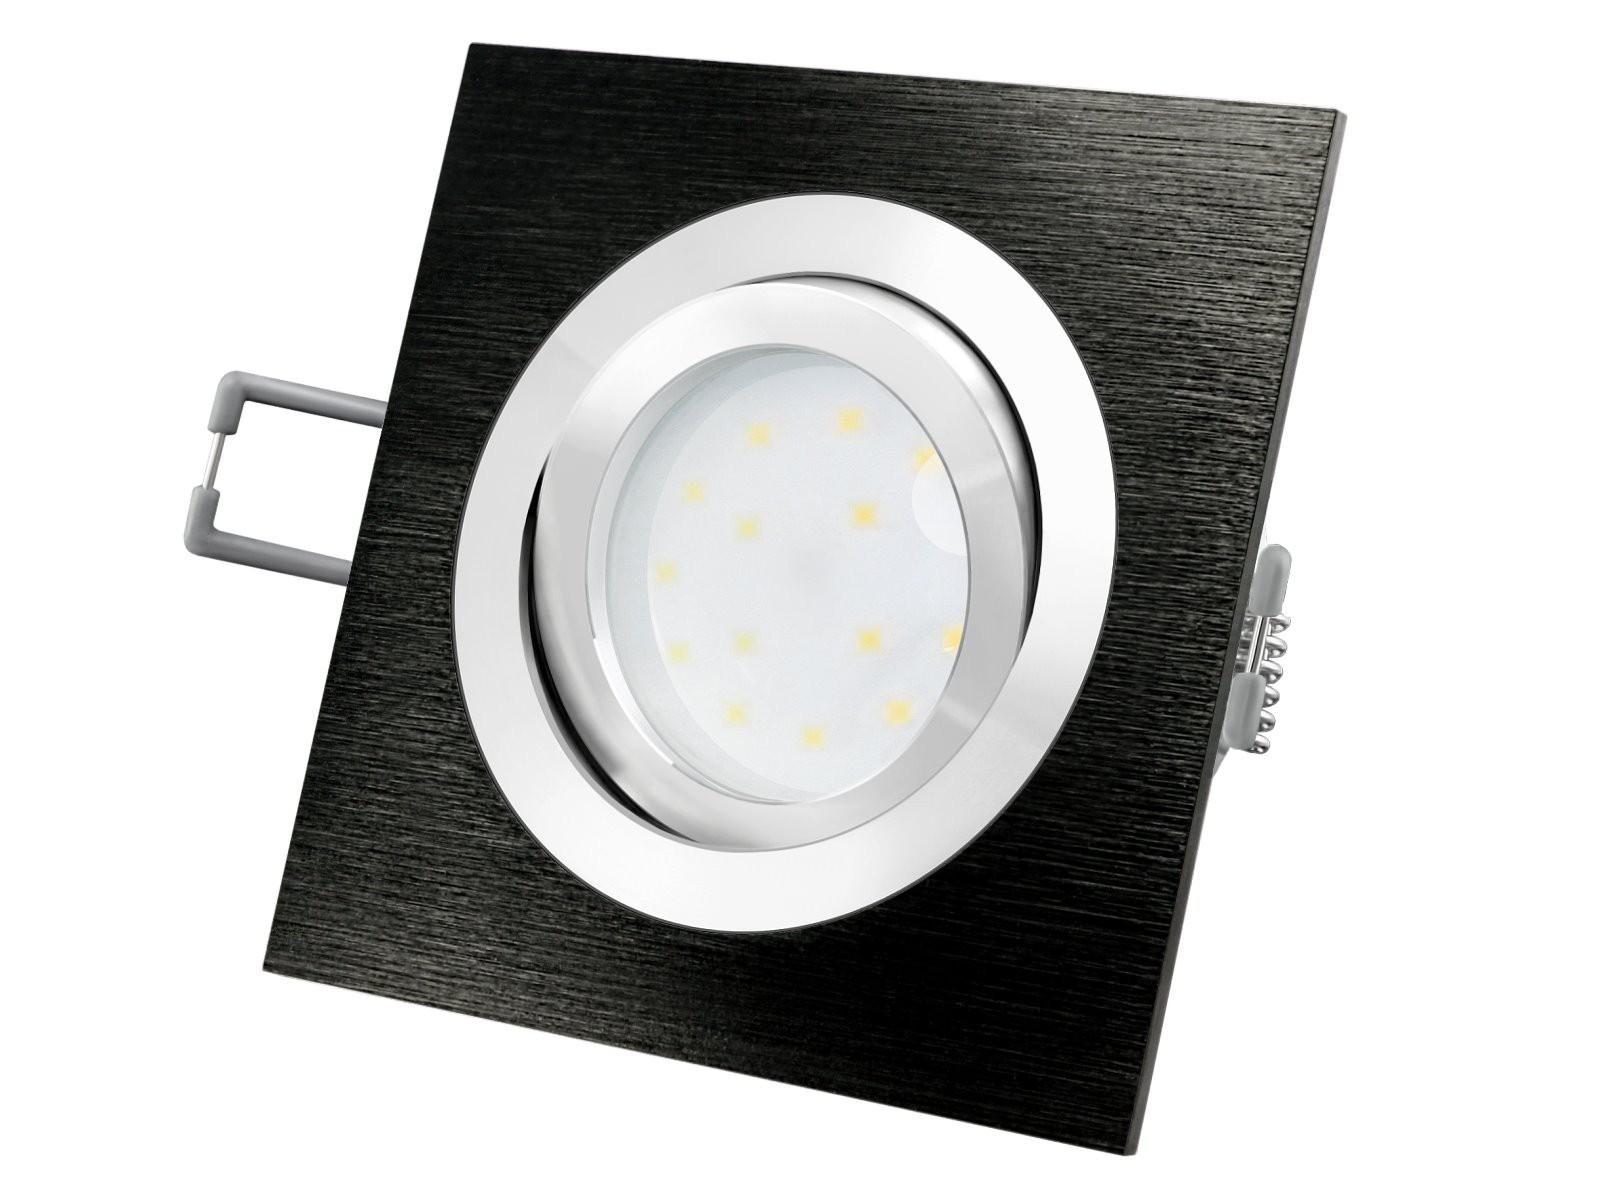 QF 20 LED Einbauleuchte Alu schwarz schwenkbar flach inkl. LED Modul 2030V,  20W, warm weiß 20700K dimmbar